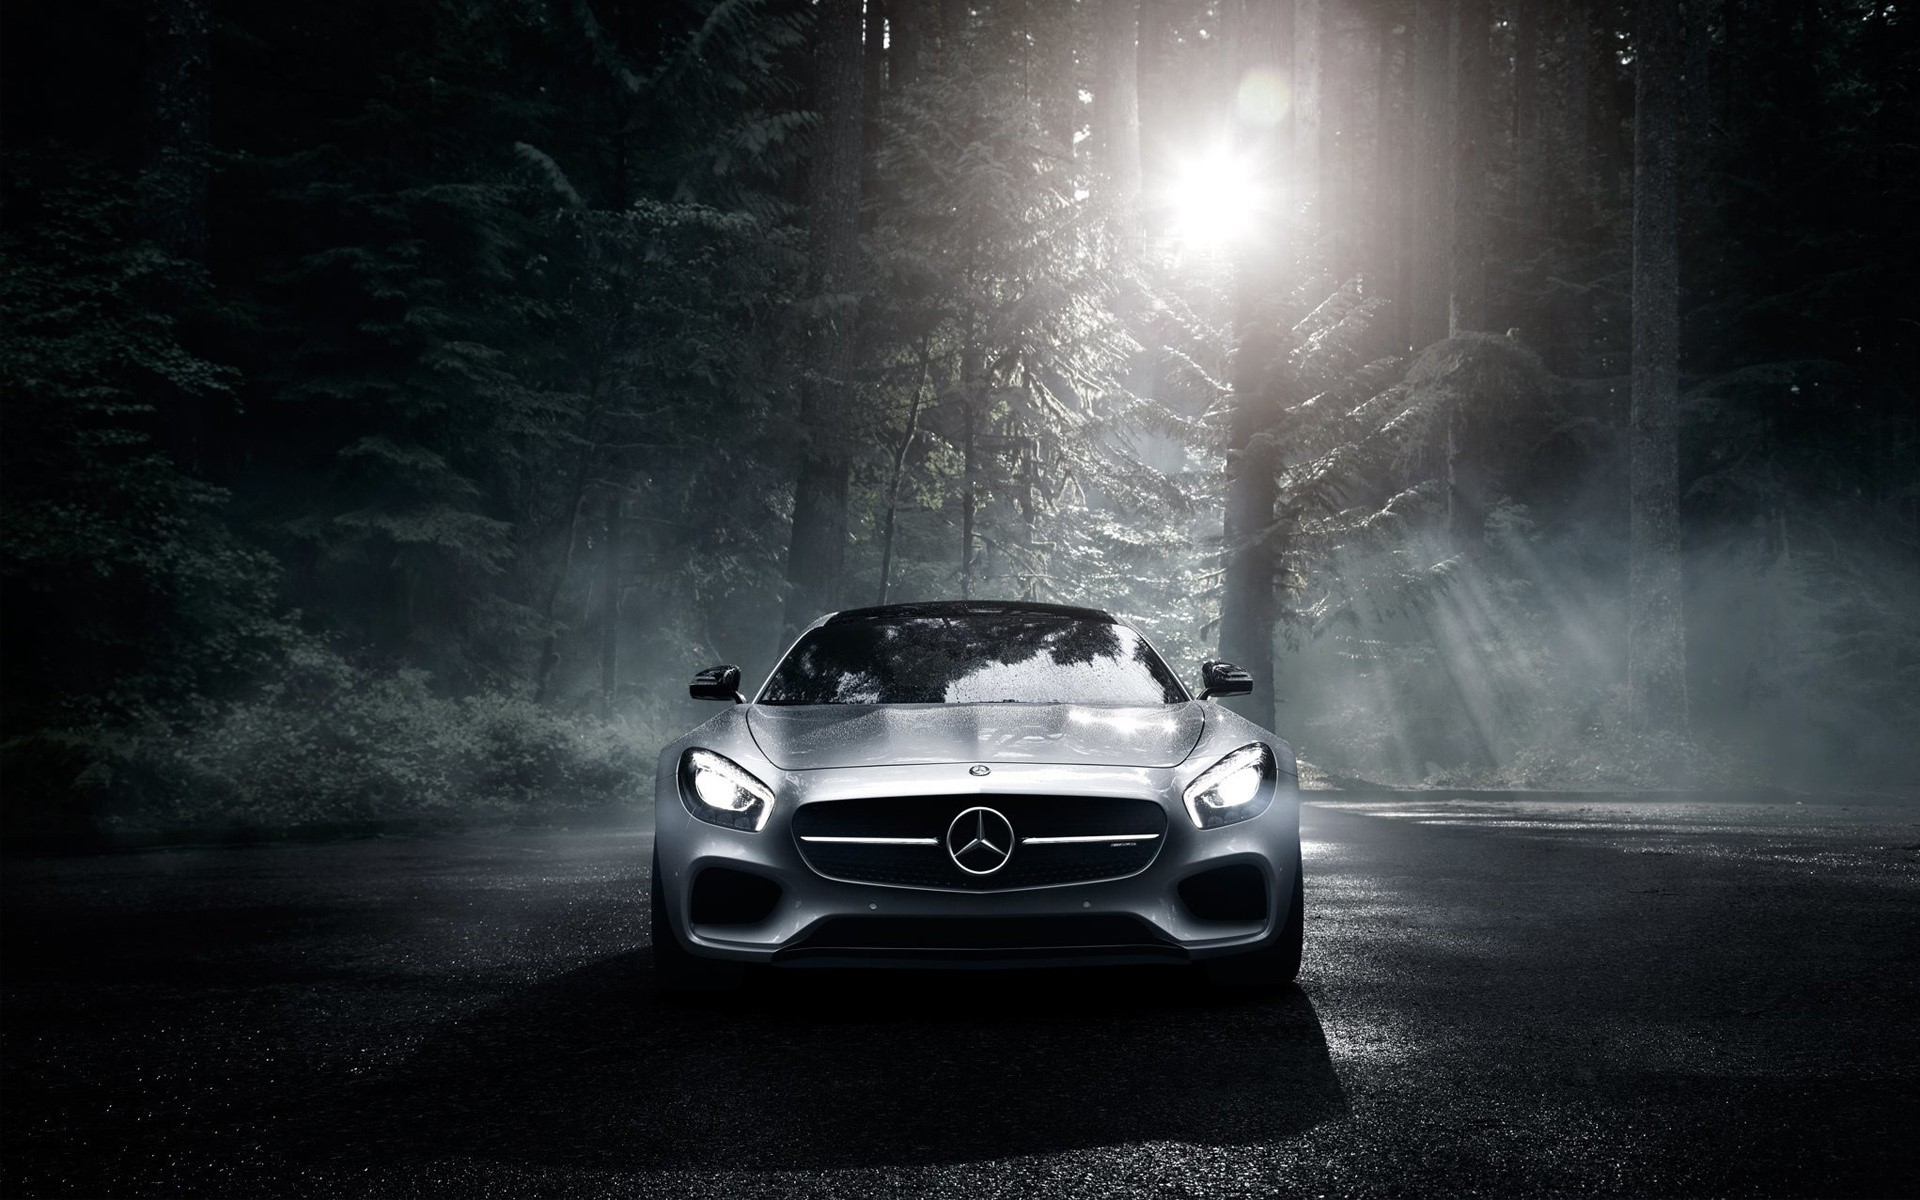 Fondos de pantalla Mercedes Benz AMG GT S